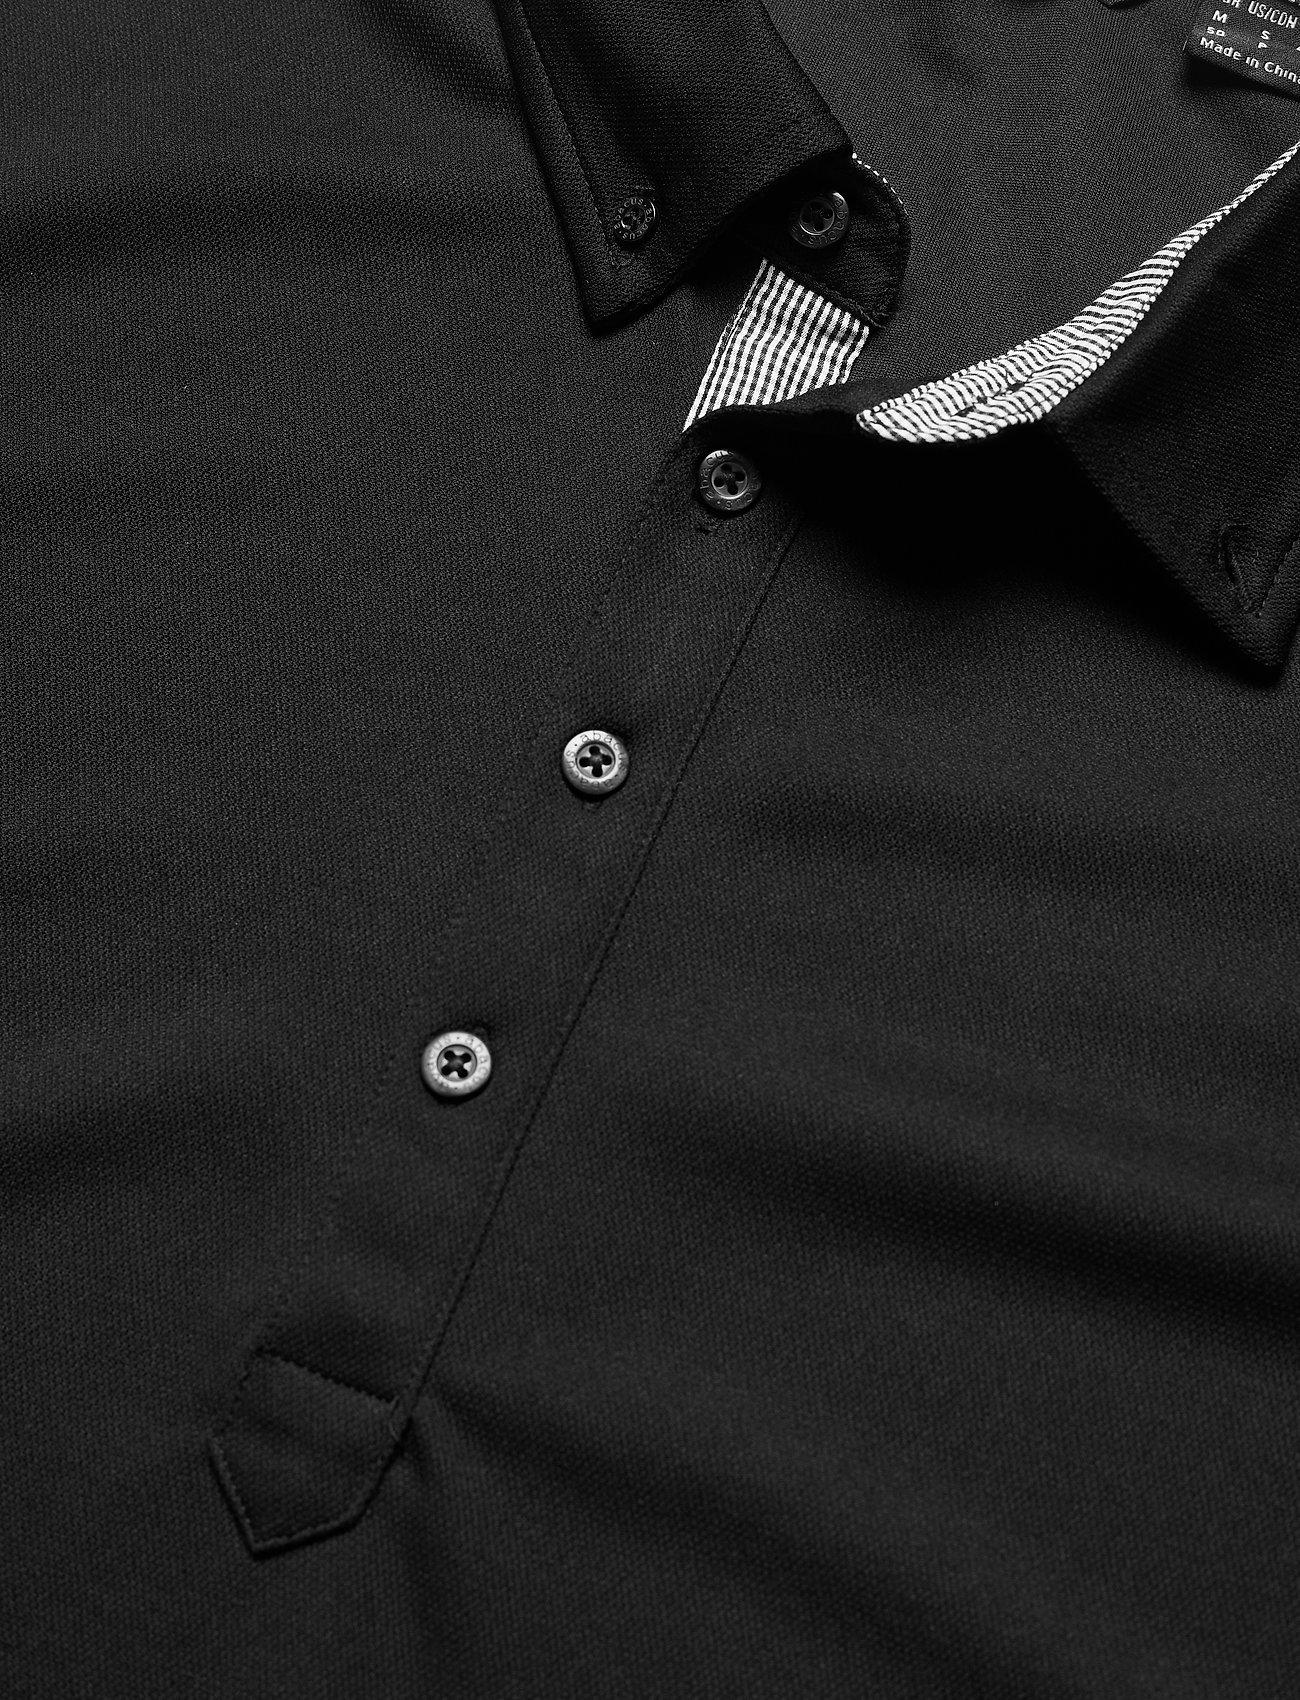 Abacus Mens Oliver polo - Poloskjorter BLACK - Menn Klær